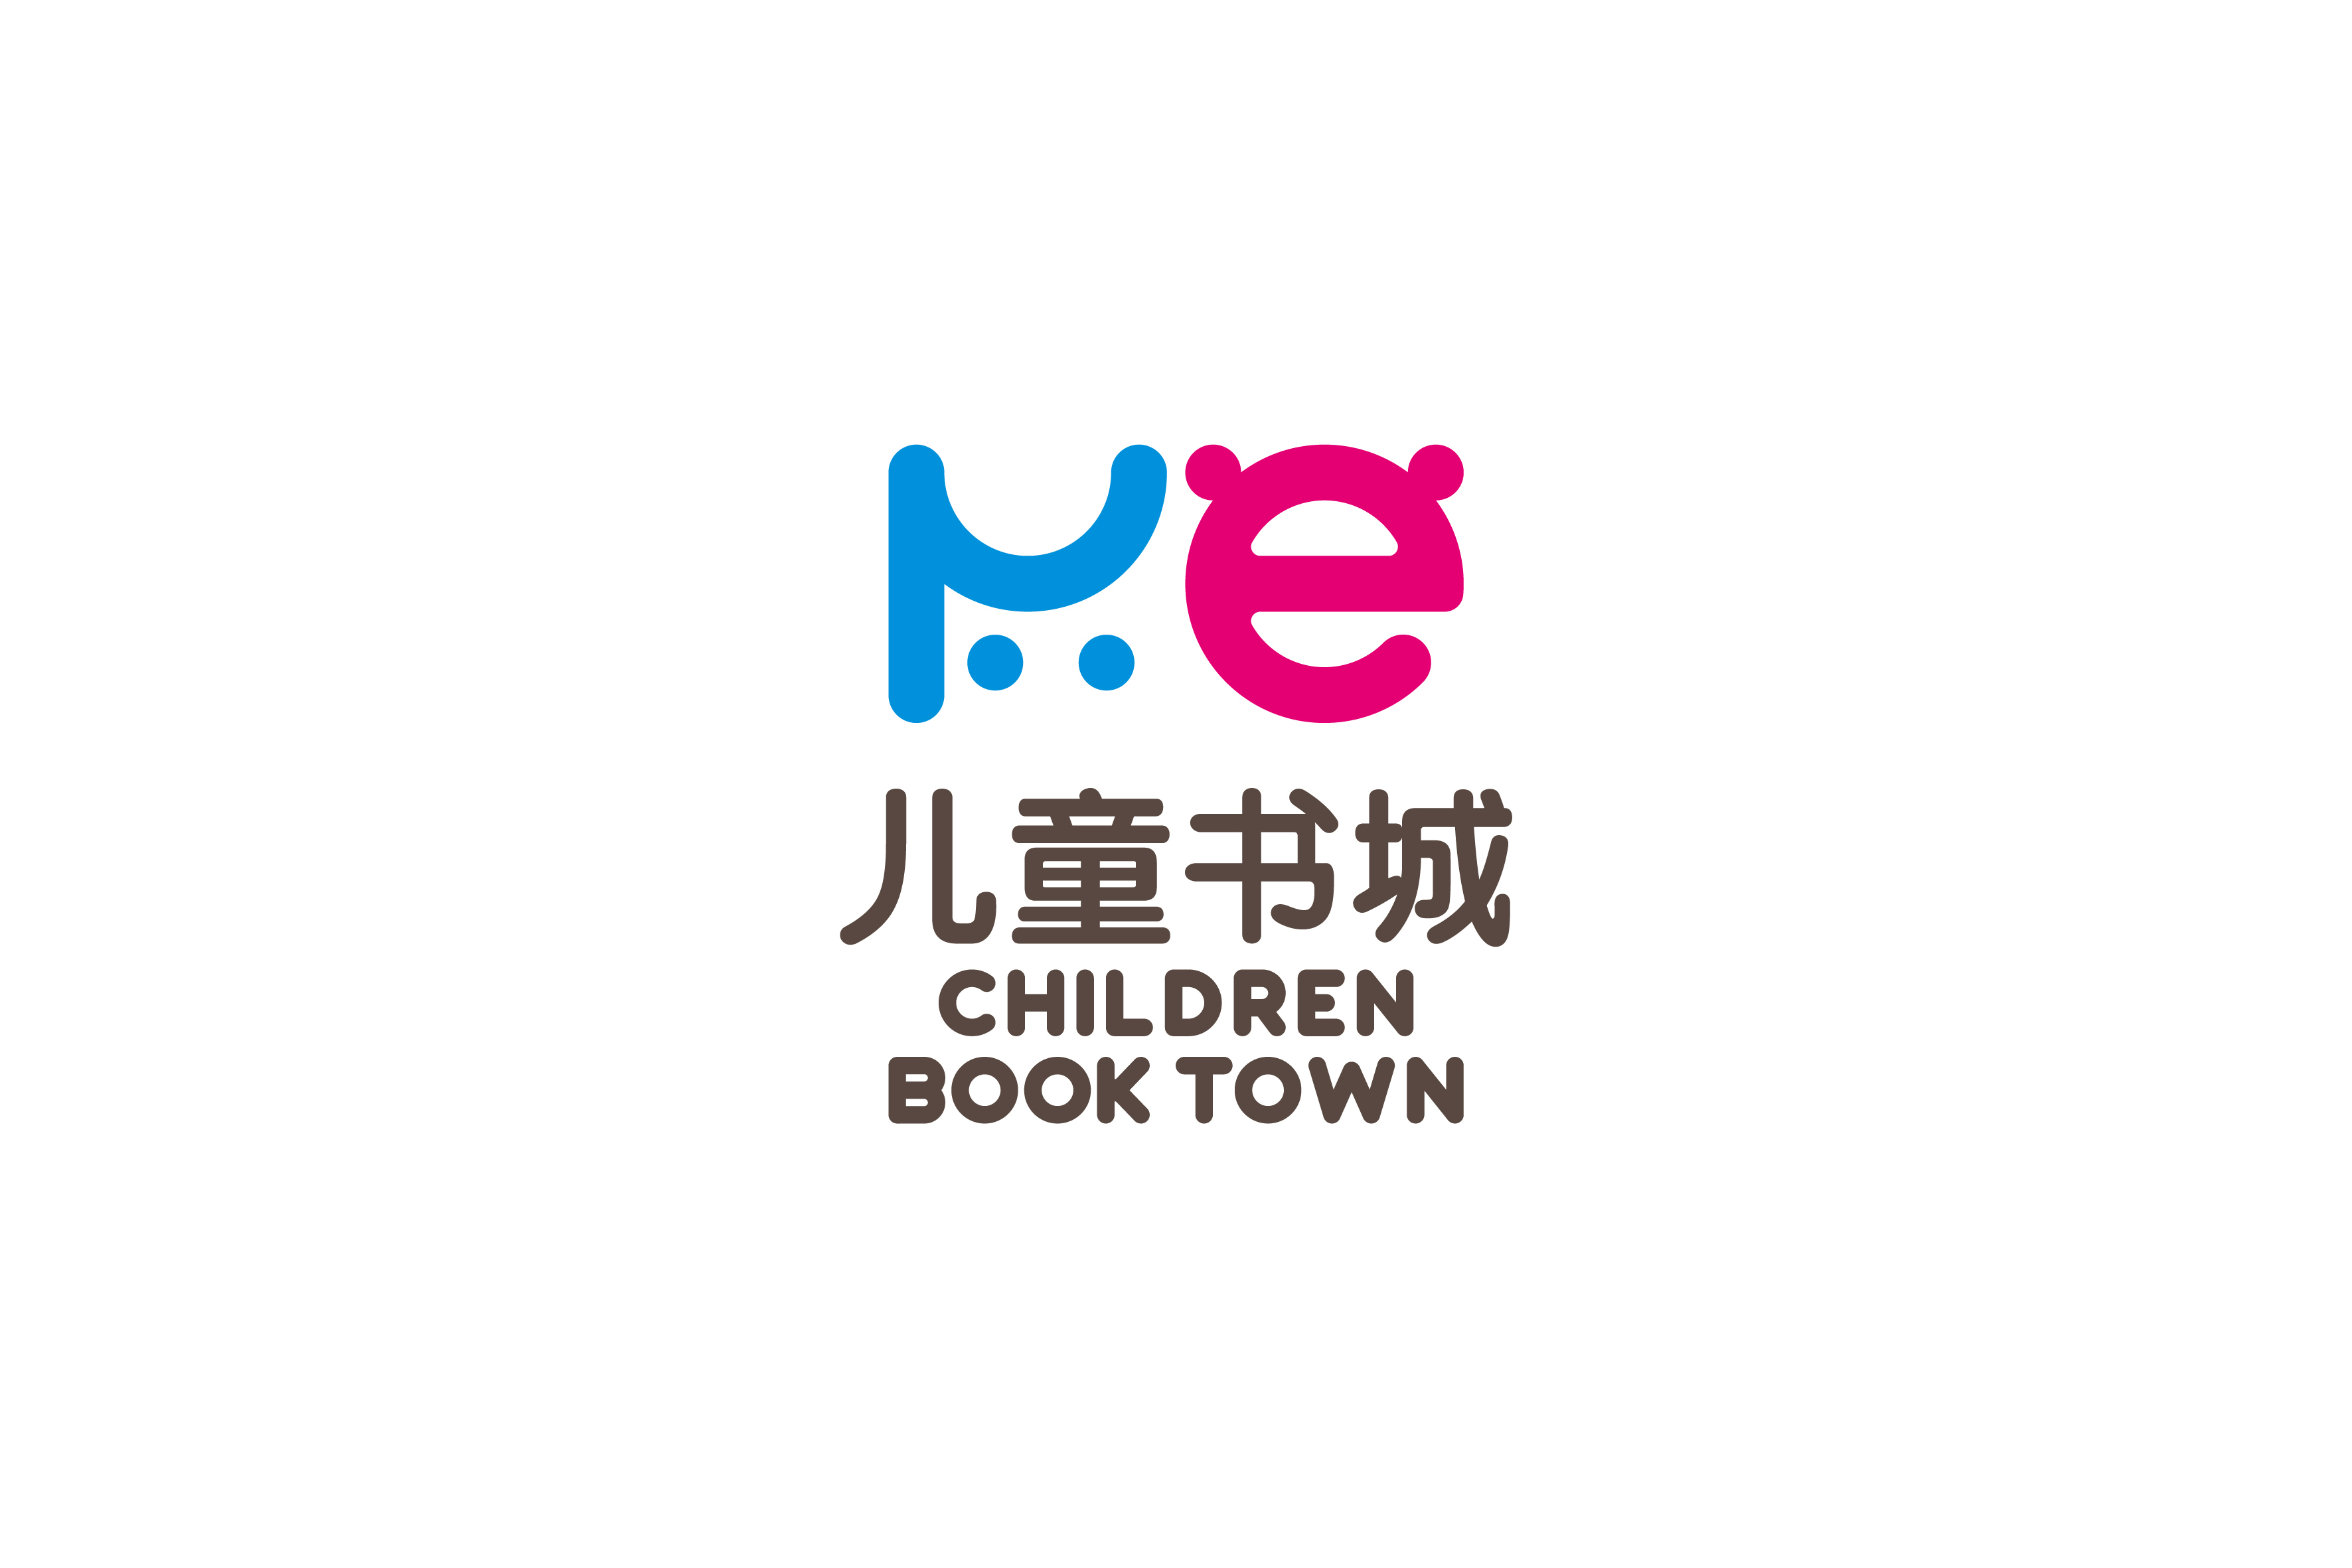 新华书店儿童书城图片